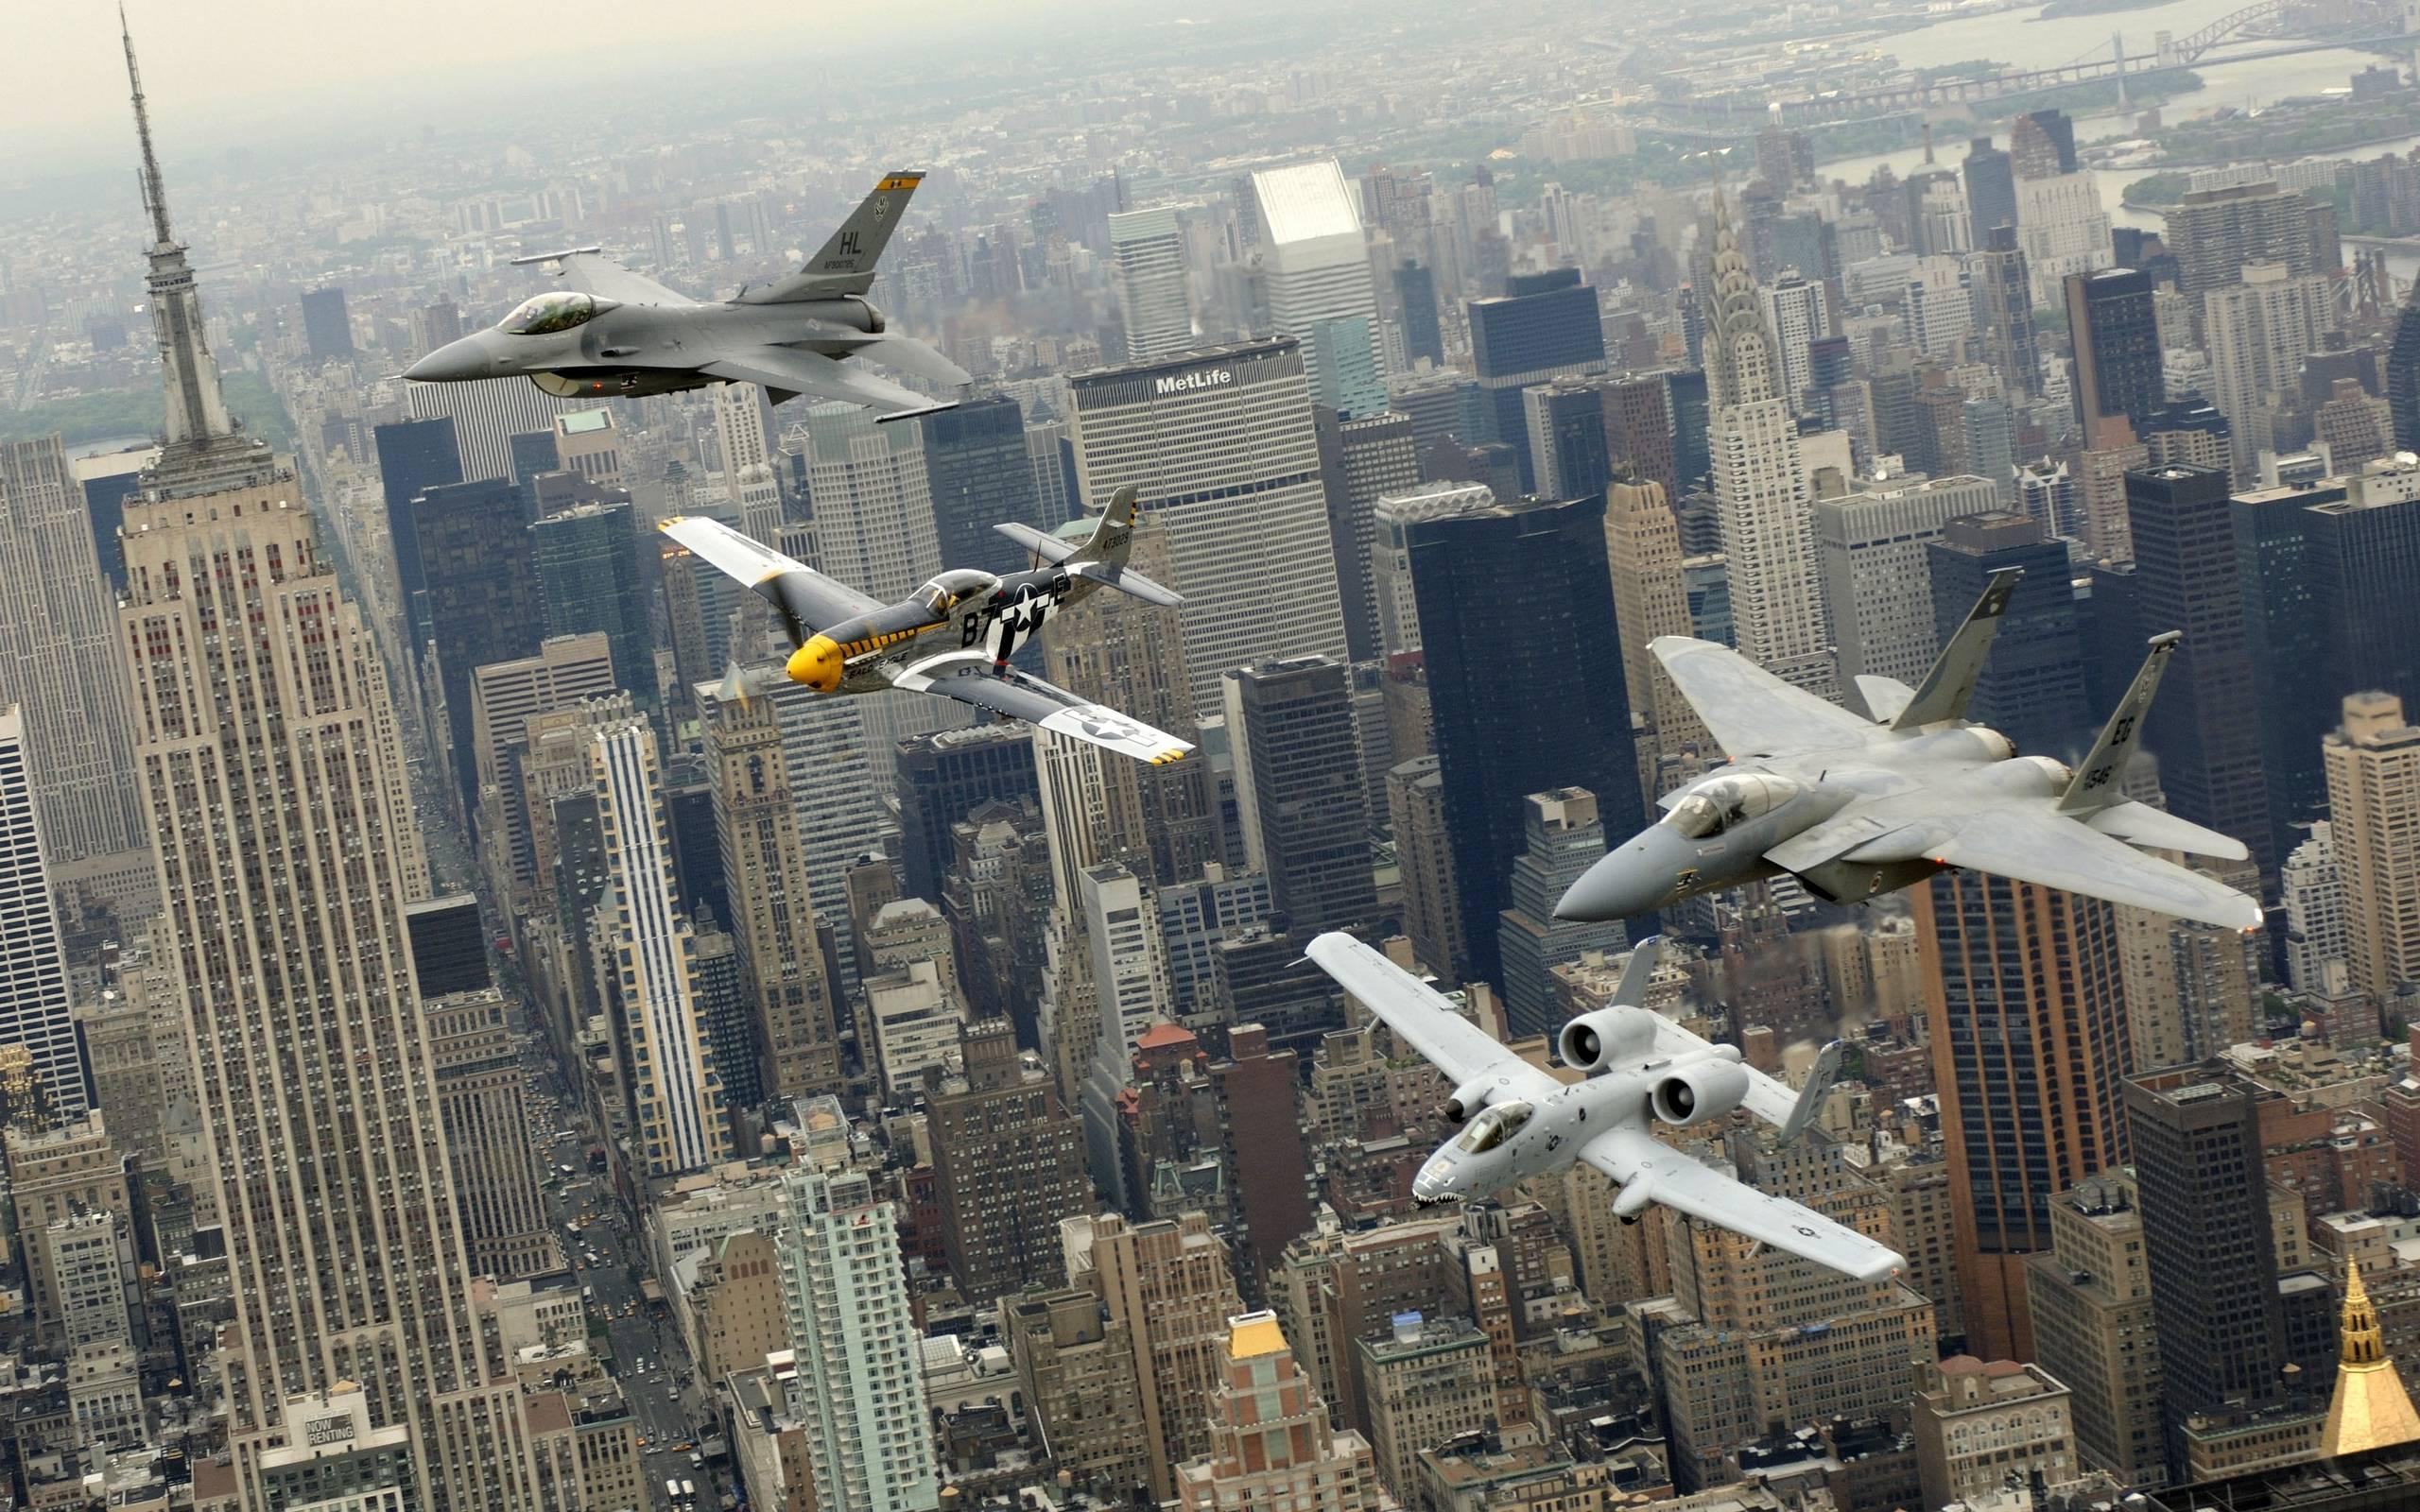 обои истребители, беспилотник, город, США картинки фото